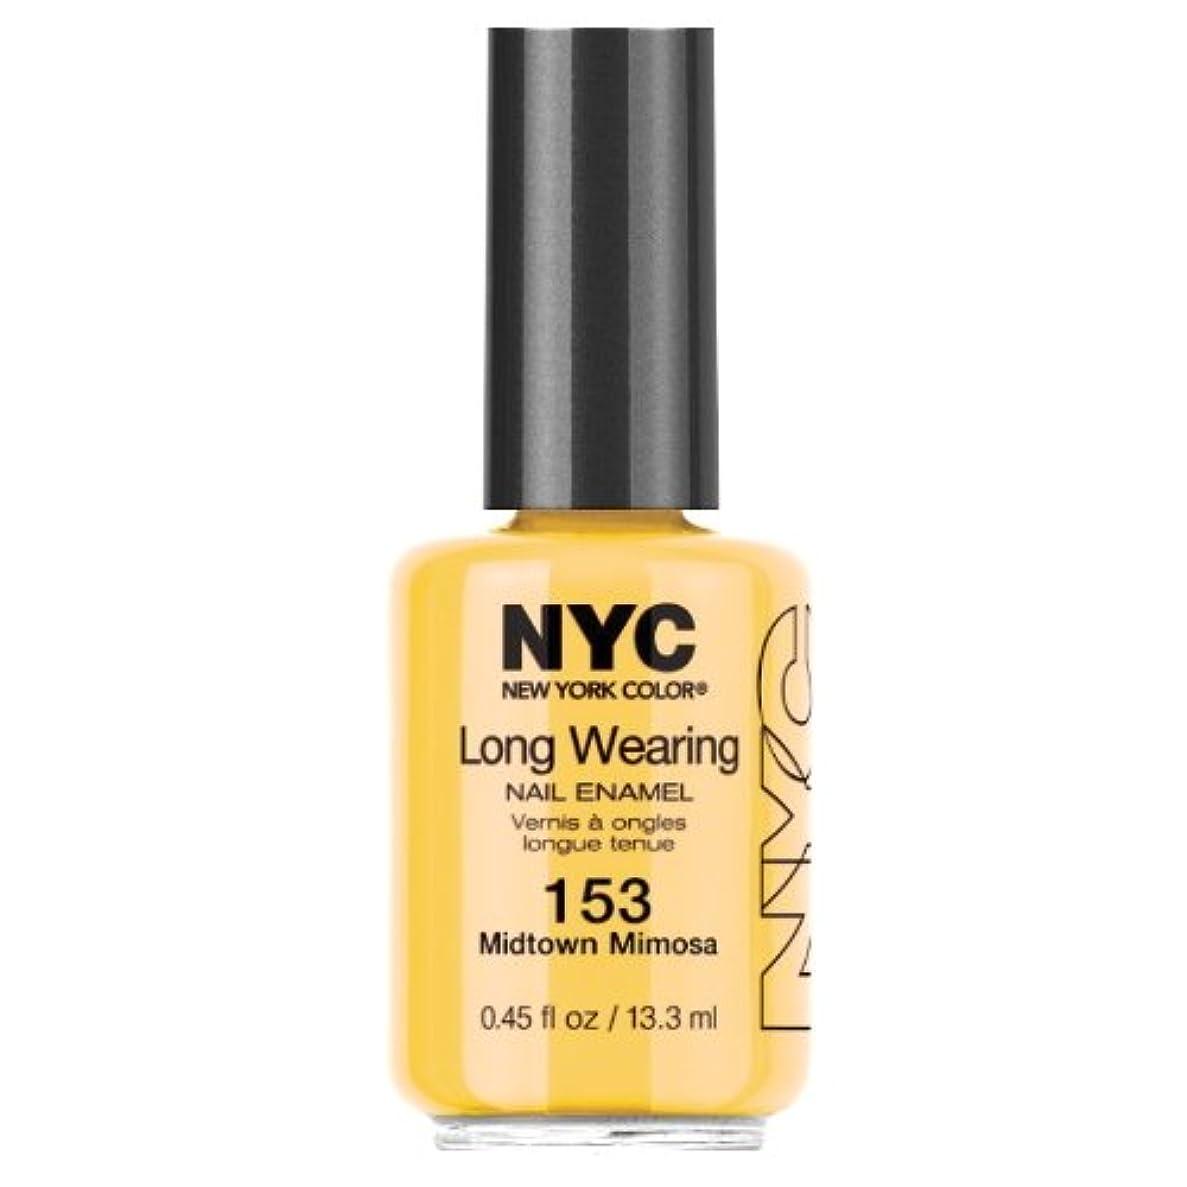 バター死の顎行NYC Long Wearing Nail Enamel - Midtown Mimosa (並行輸入品)